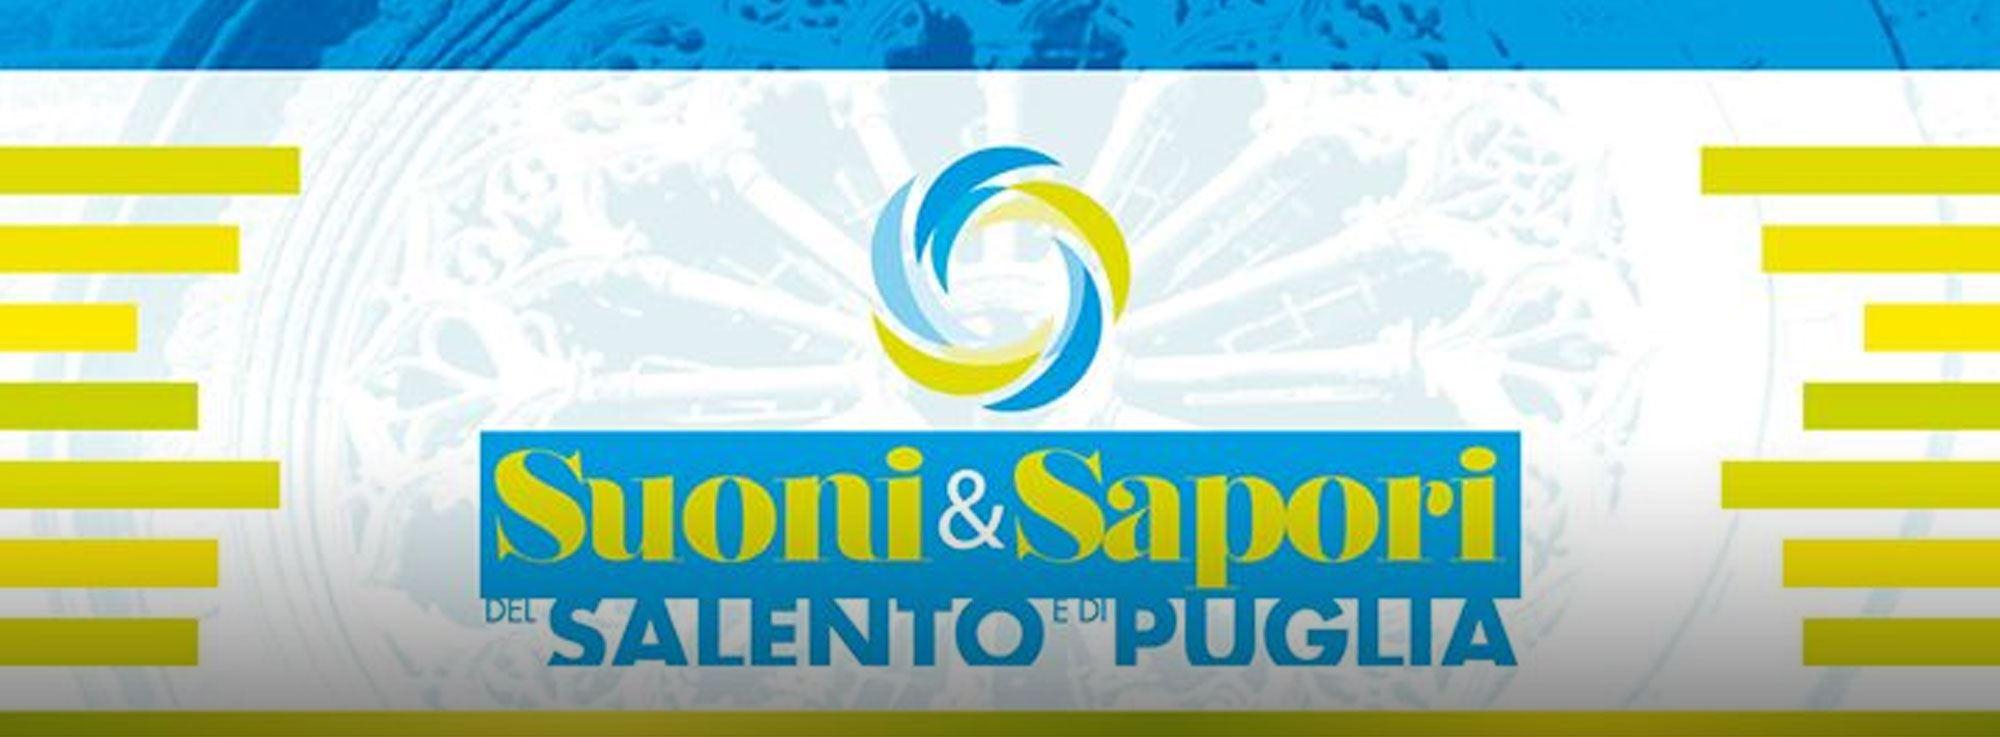 Otranto: Suoni e Sapori del Salento e di Puglia